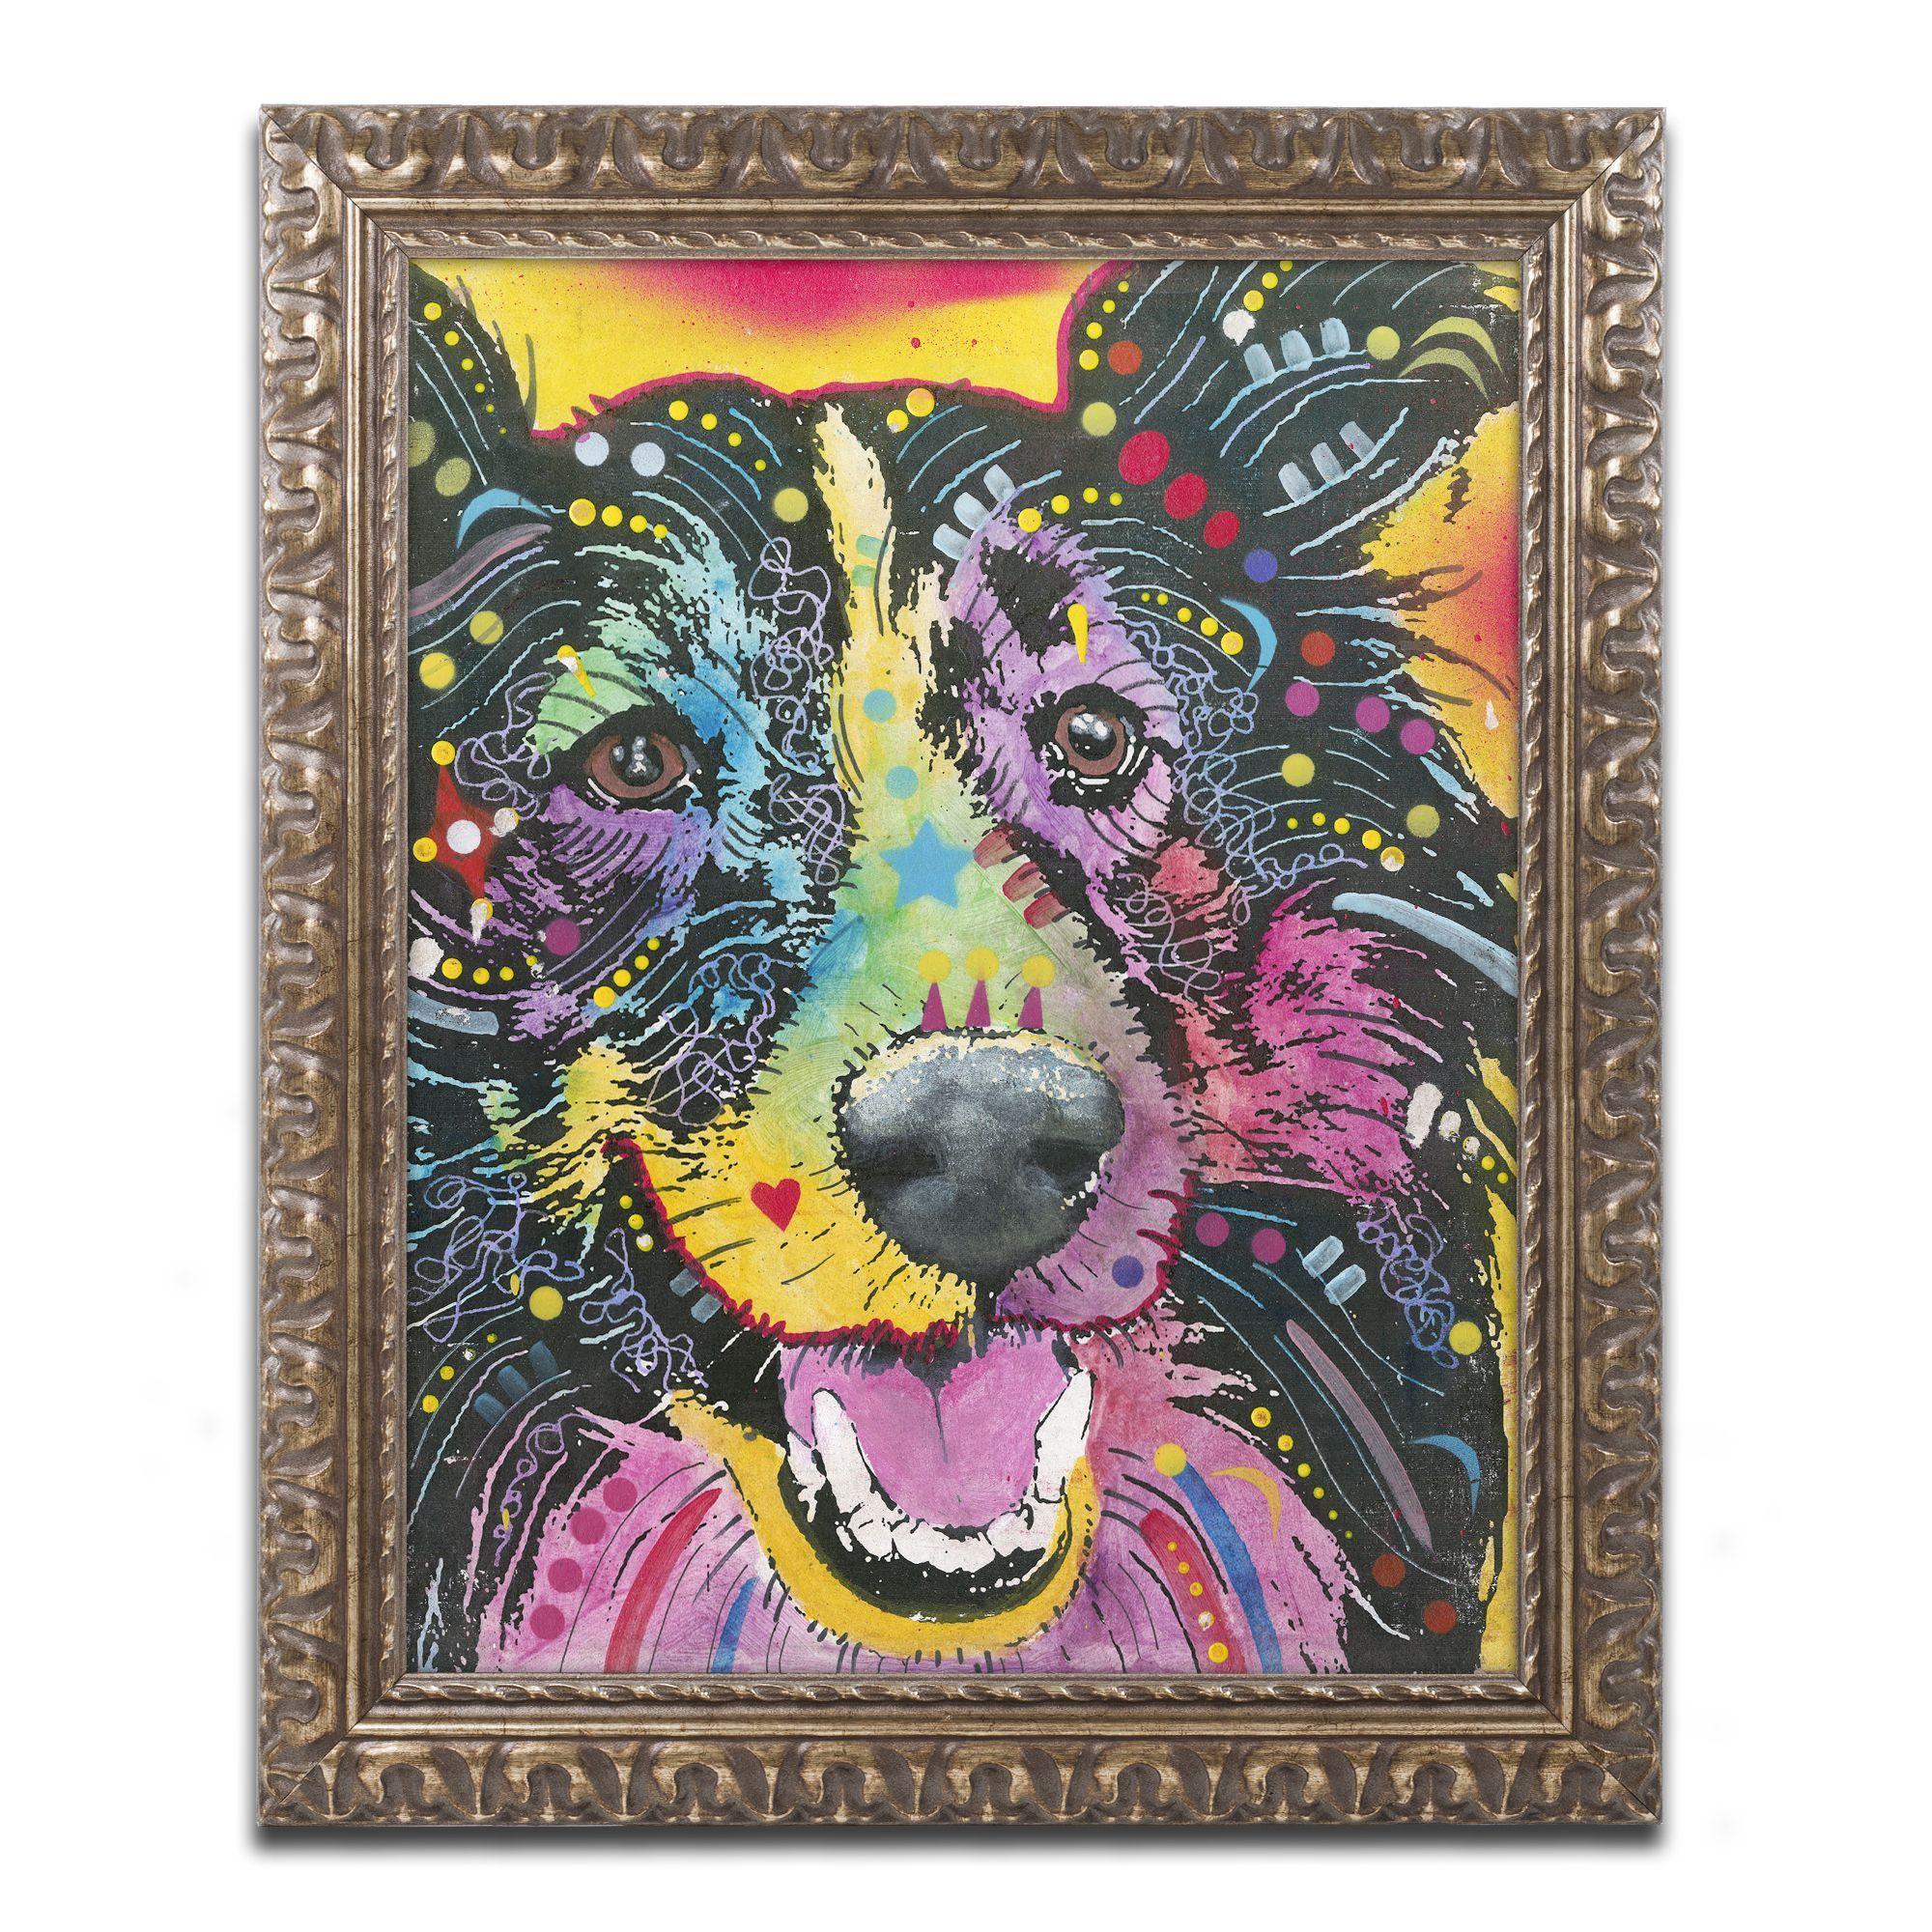 Dean Russo 'Smiling Collie' Ornate Framed Art